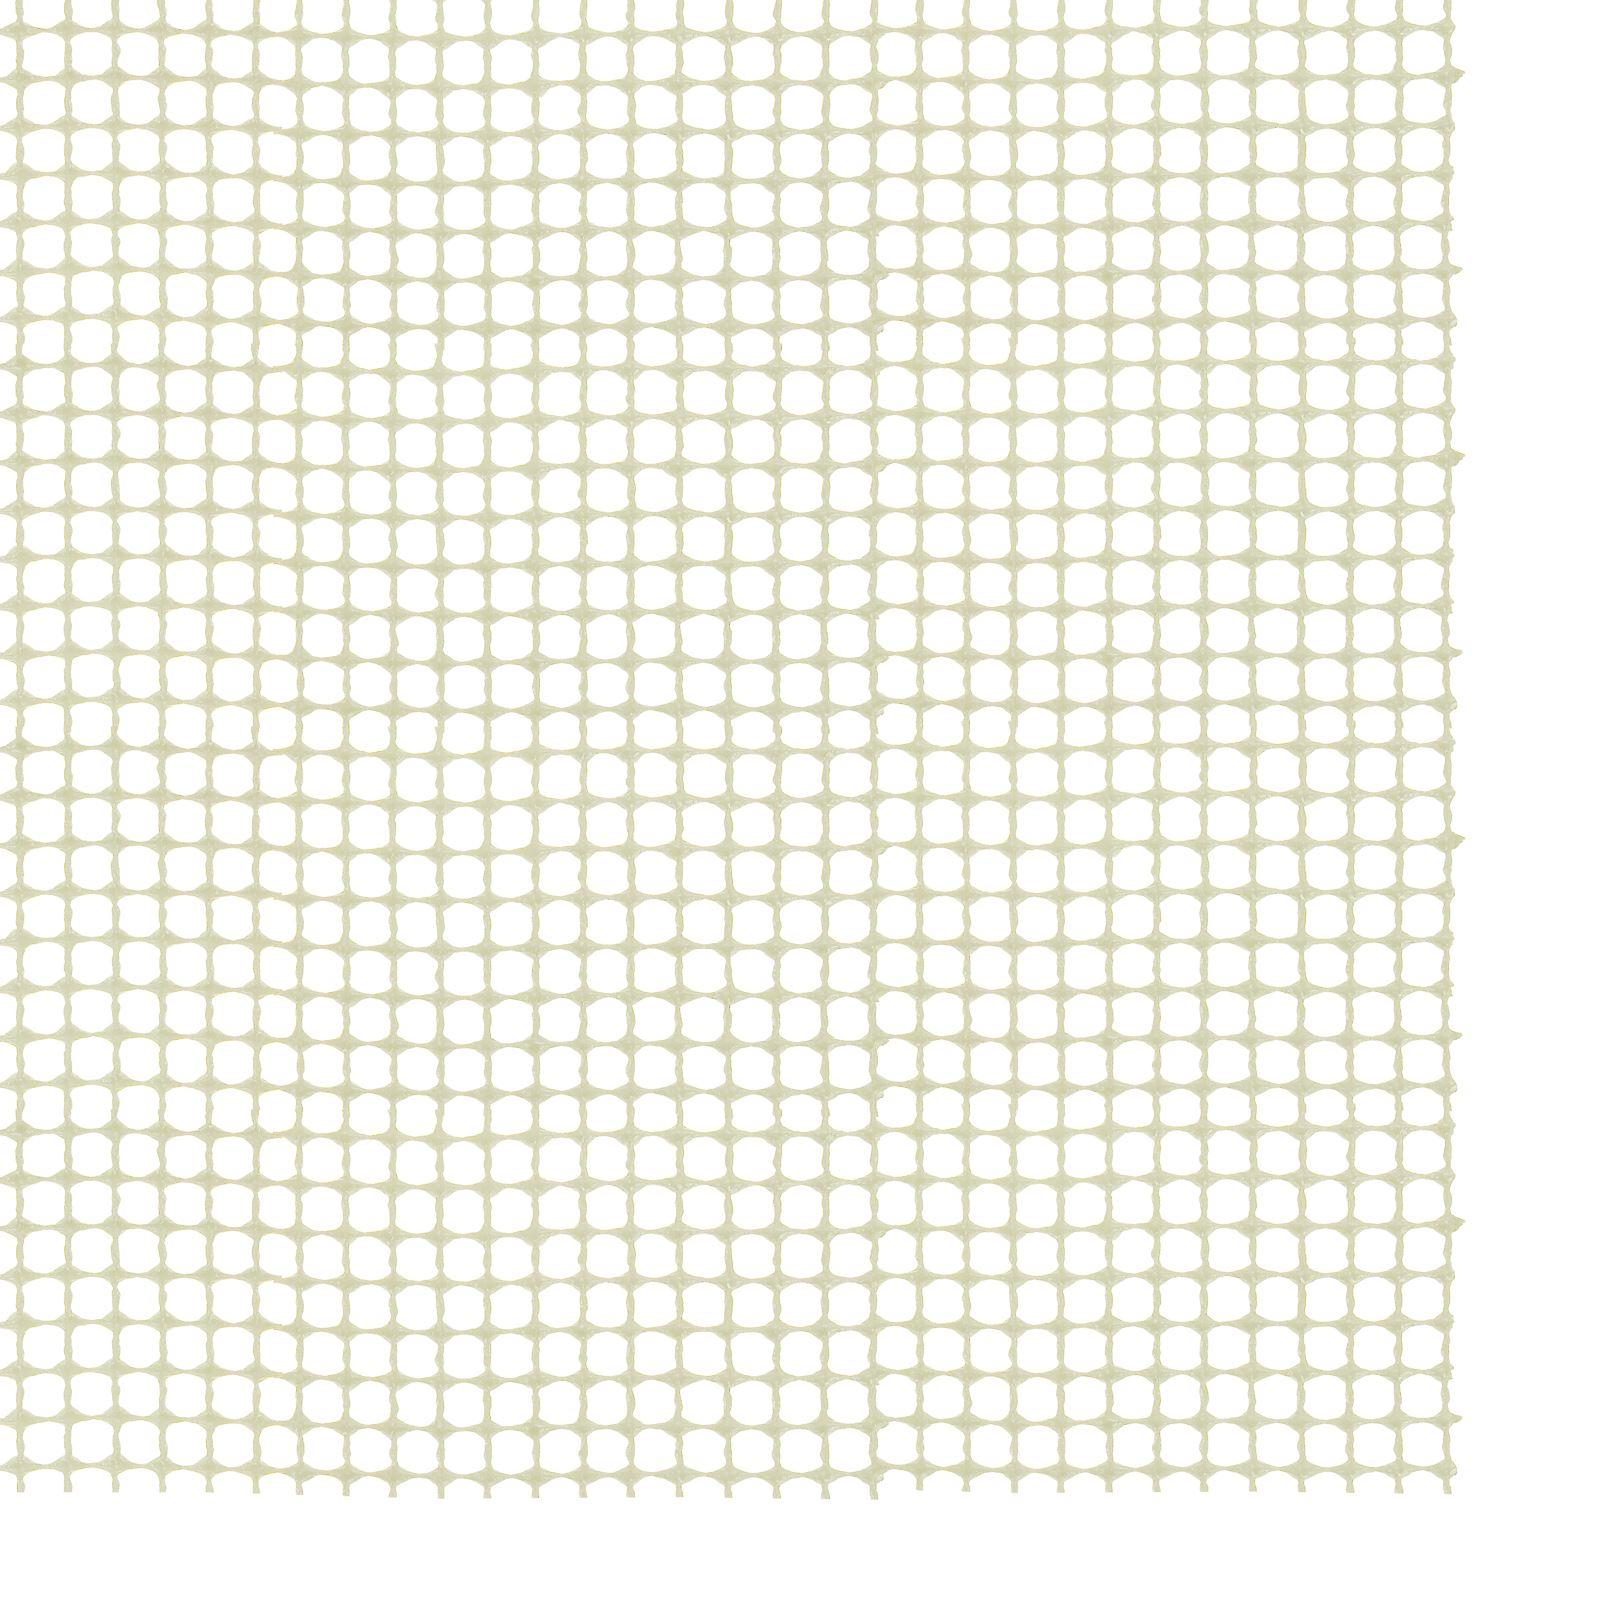 Anti-Antiscivolo-Tappetino-100-x-150cm-Carpet-Tappeto-Pavimento-Pinza-Grip-Auto-disegnare-Liner miniatura 6